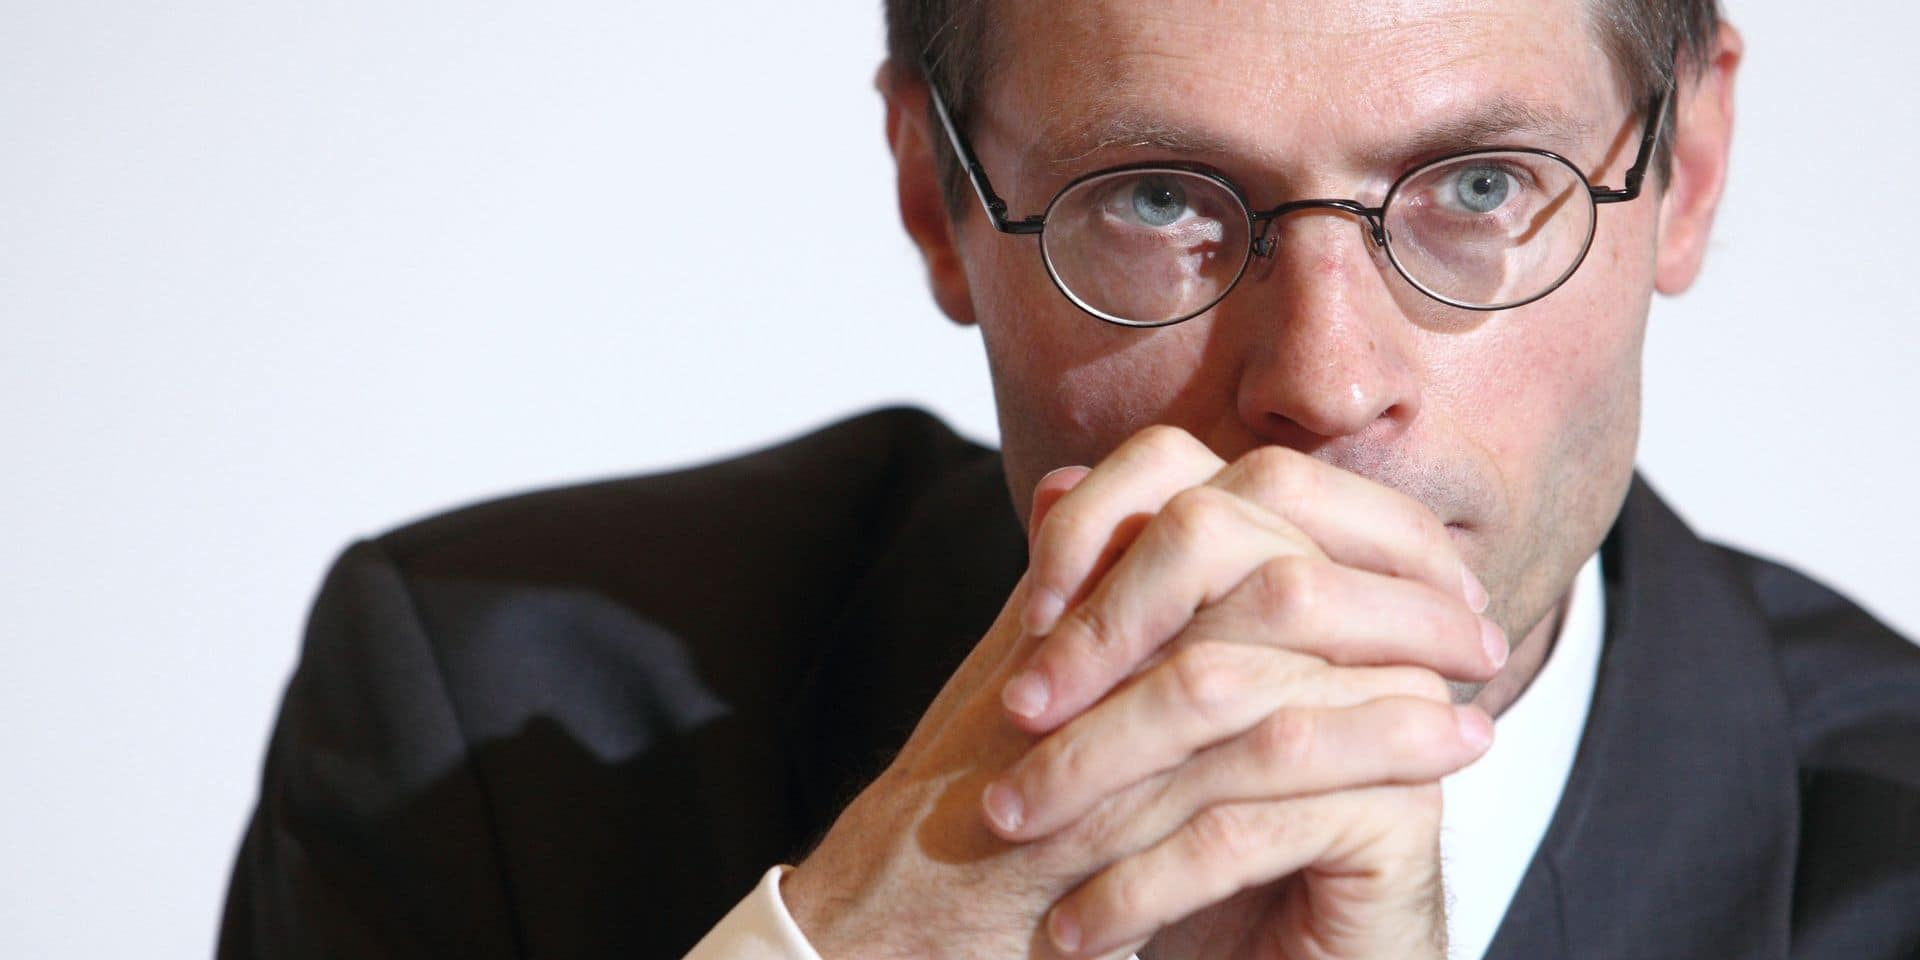 """Olivier De Schutter : """"L'Europe doit se réinventer pour lutter efficacement contre la pauvreté"""""""